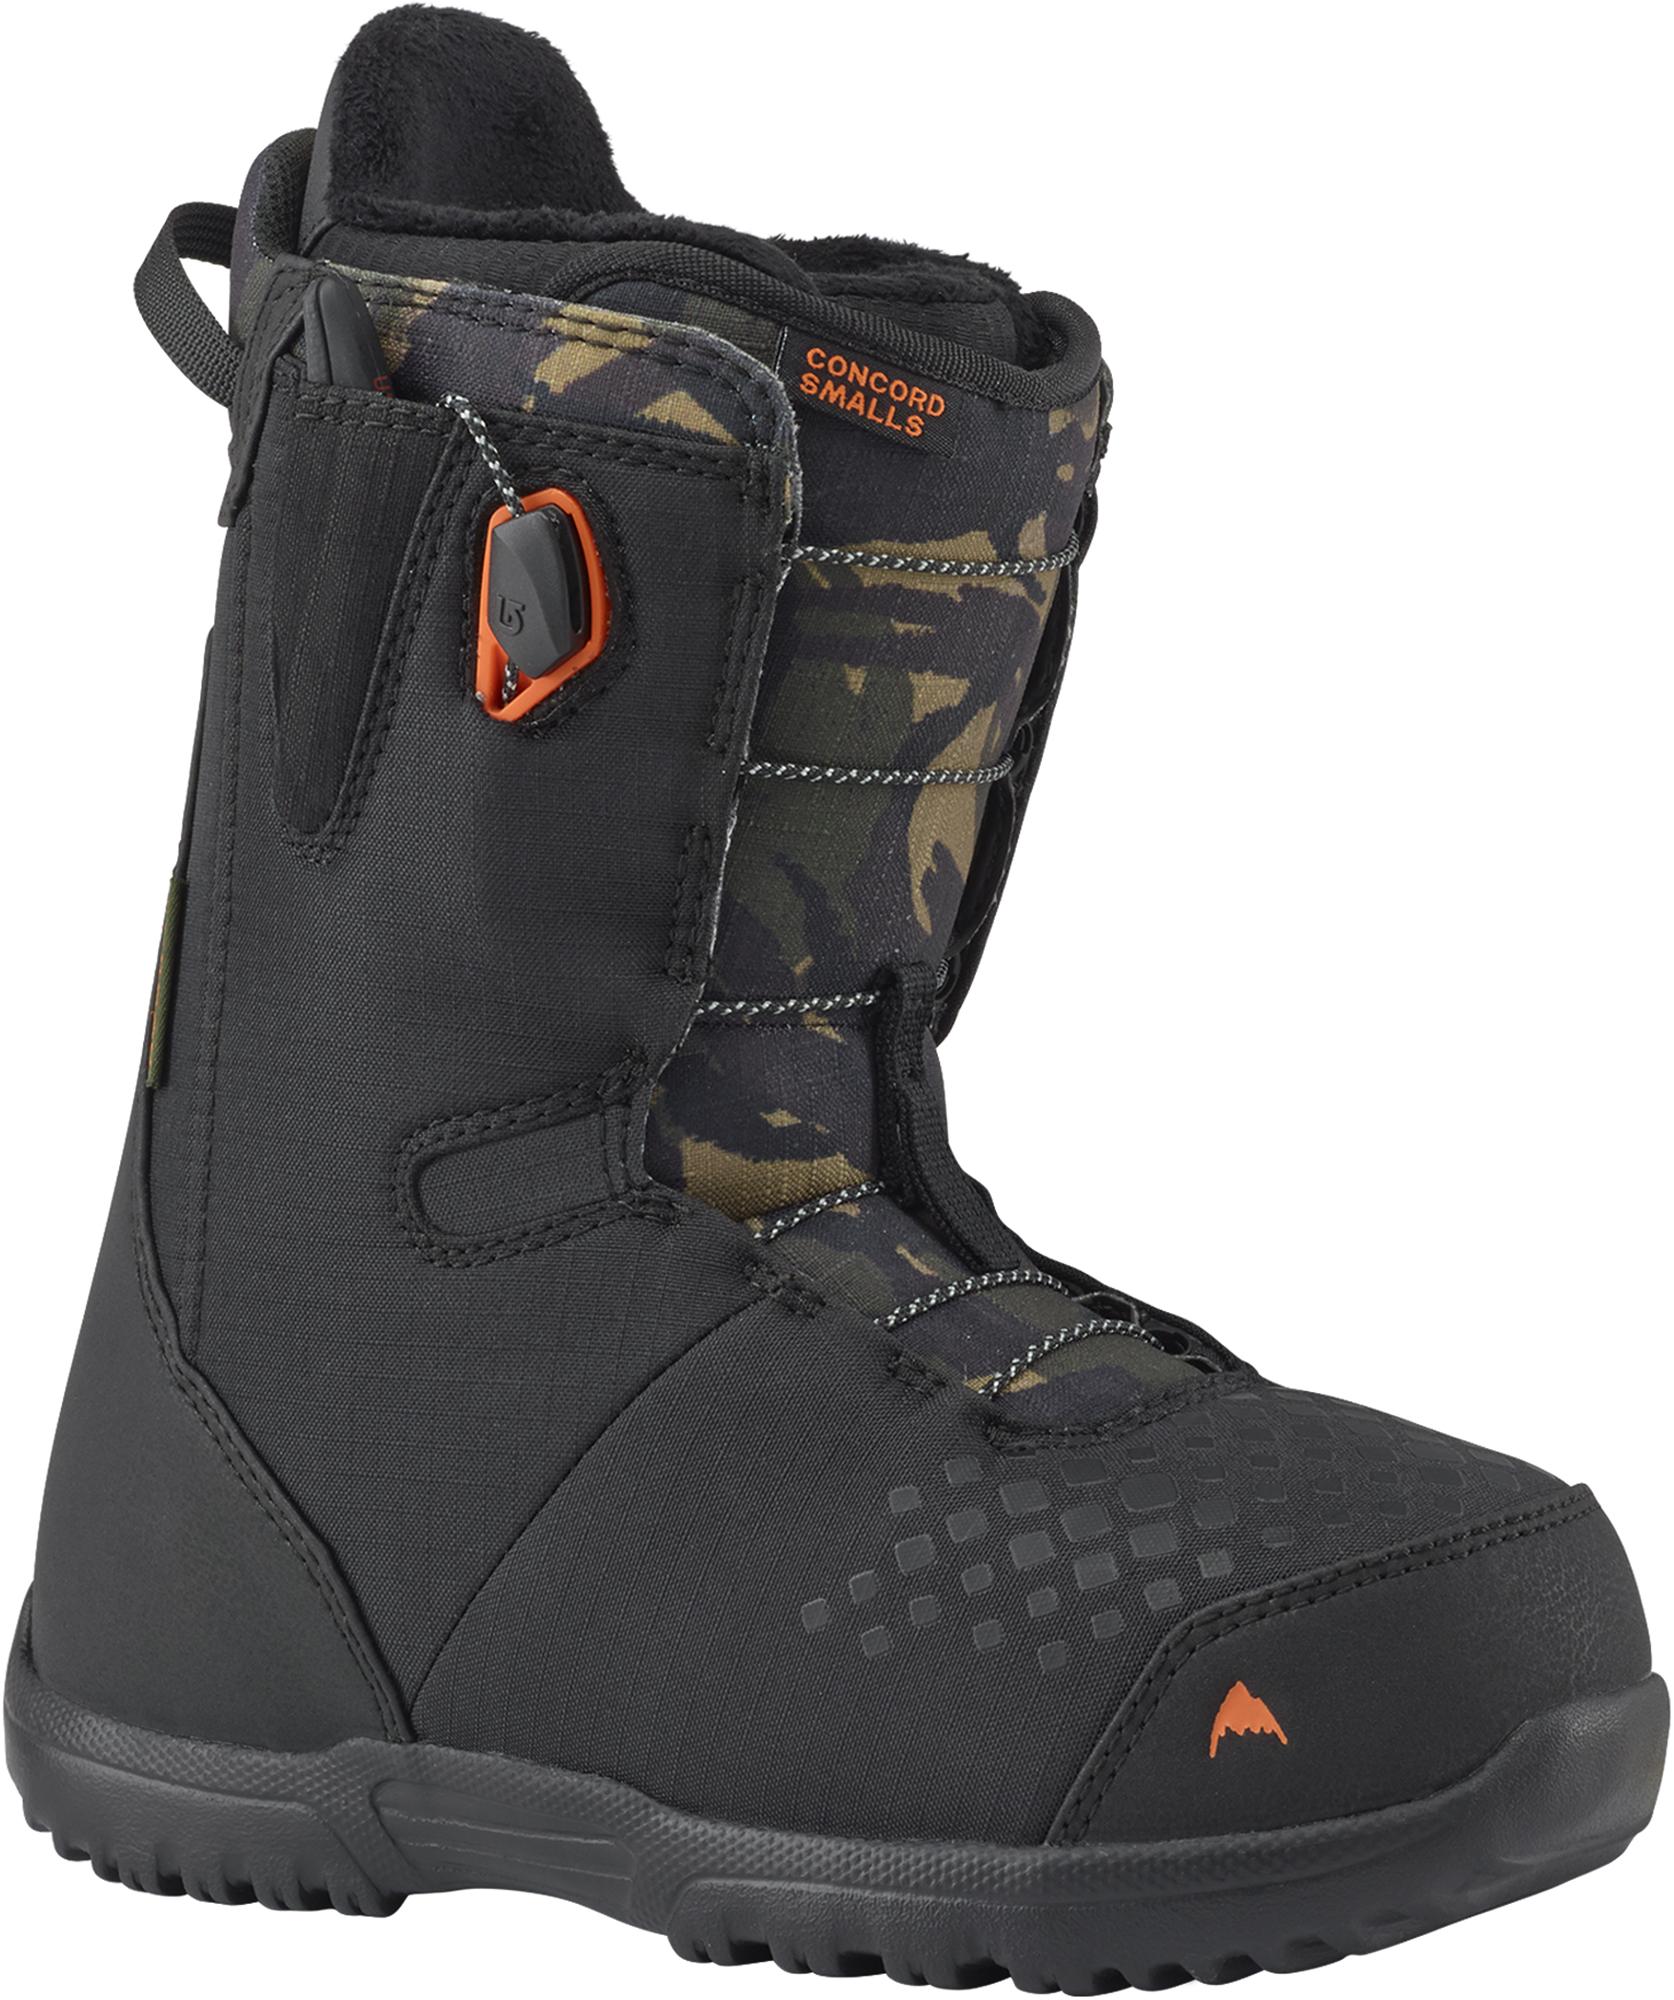 Burton Сноубордические ботинки детские Concord Smalls, размер 34